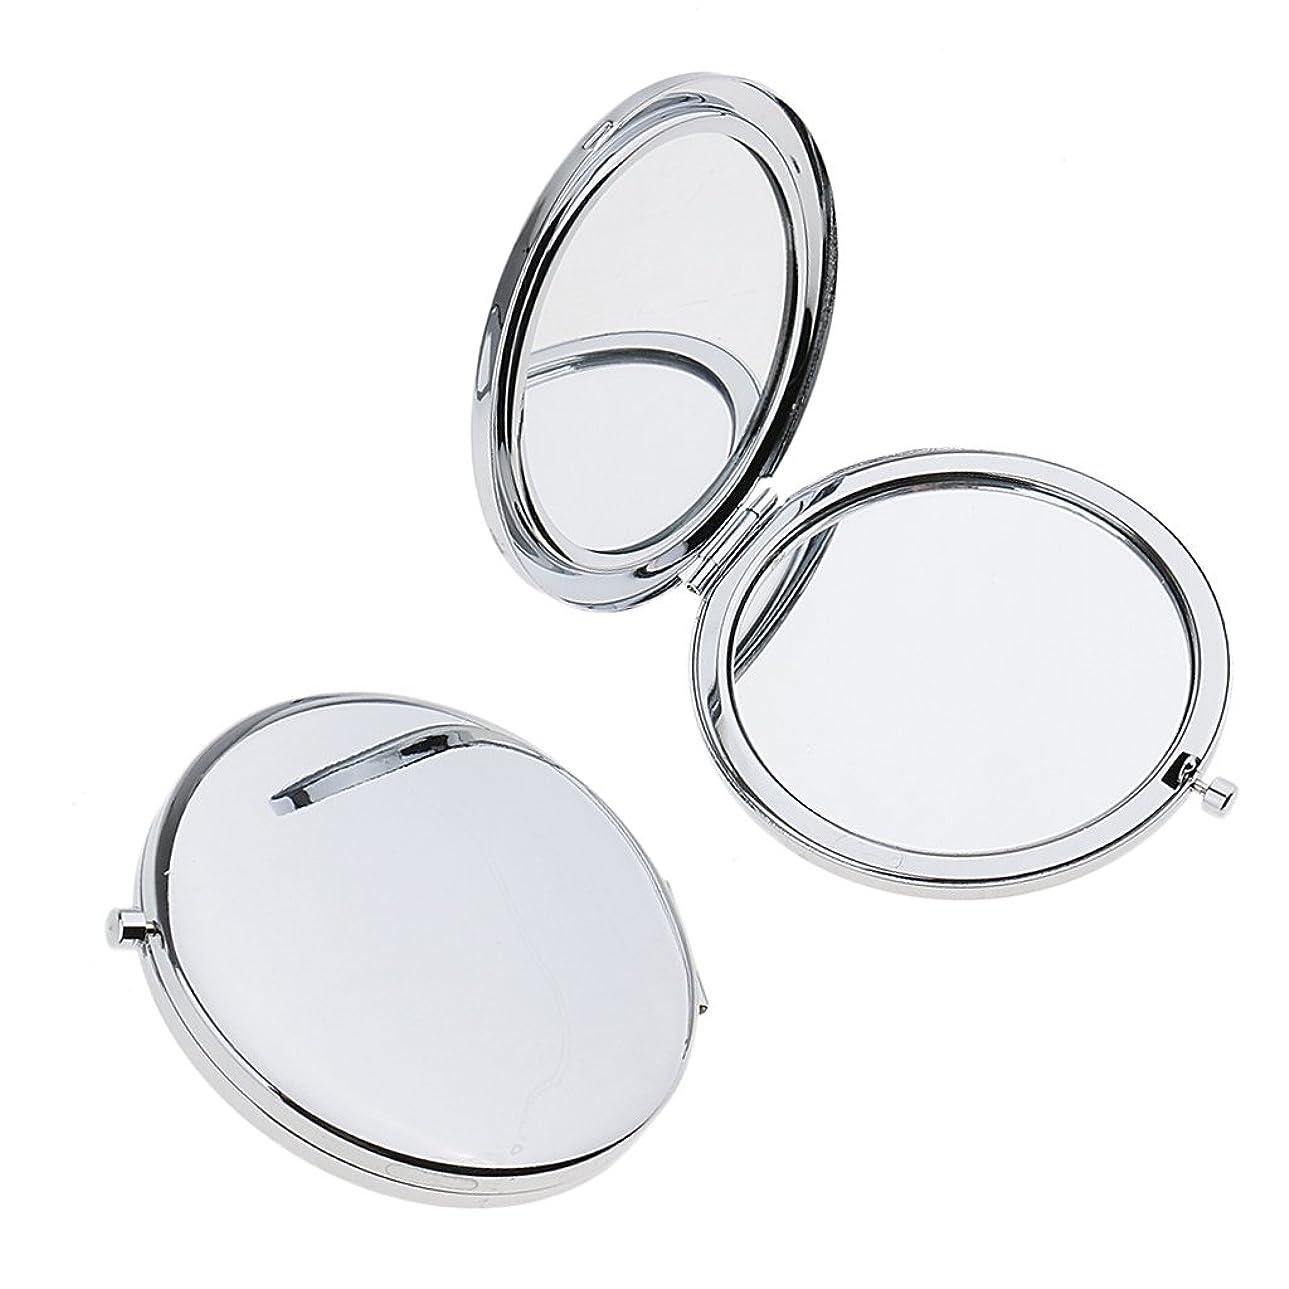 体兄ダイバーT TOOYFUL ミニ手鏡 両面コンパクトミラー ステンレス 折りたたみ式 ハンドミラー 携帯ミラー 2個入り - 銀